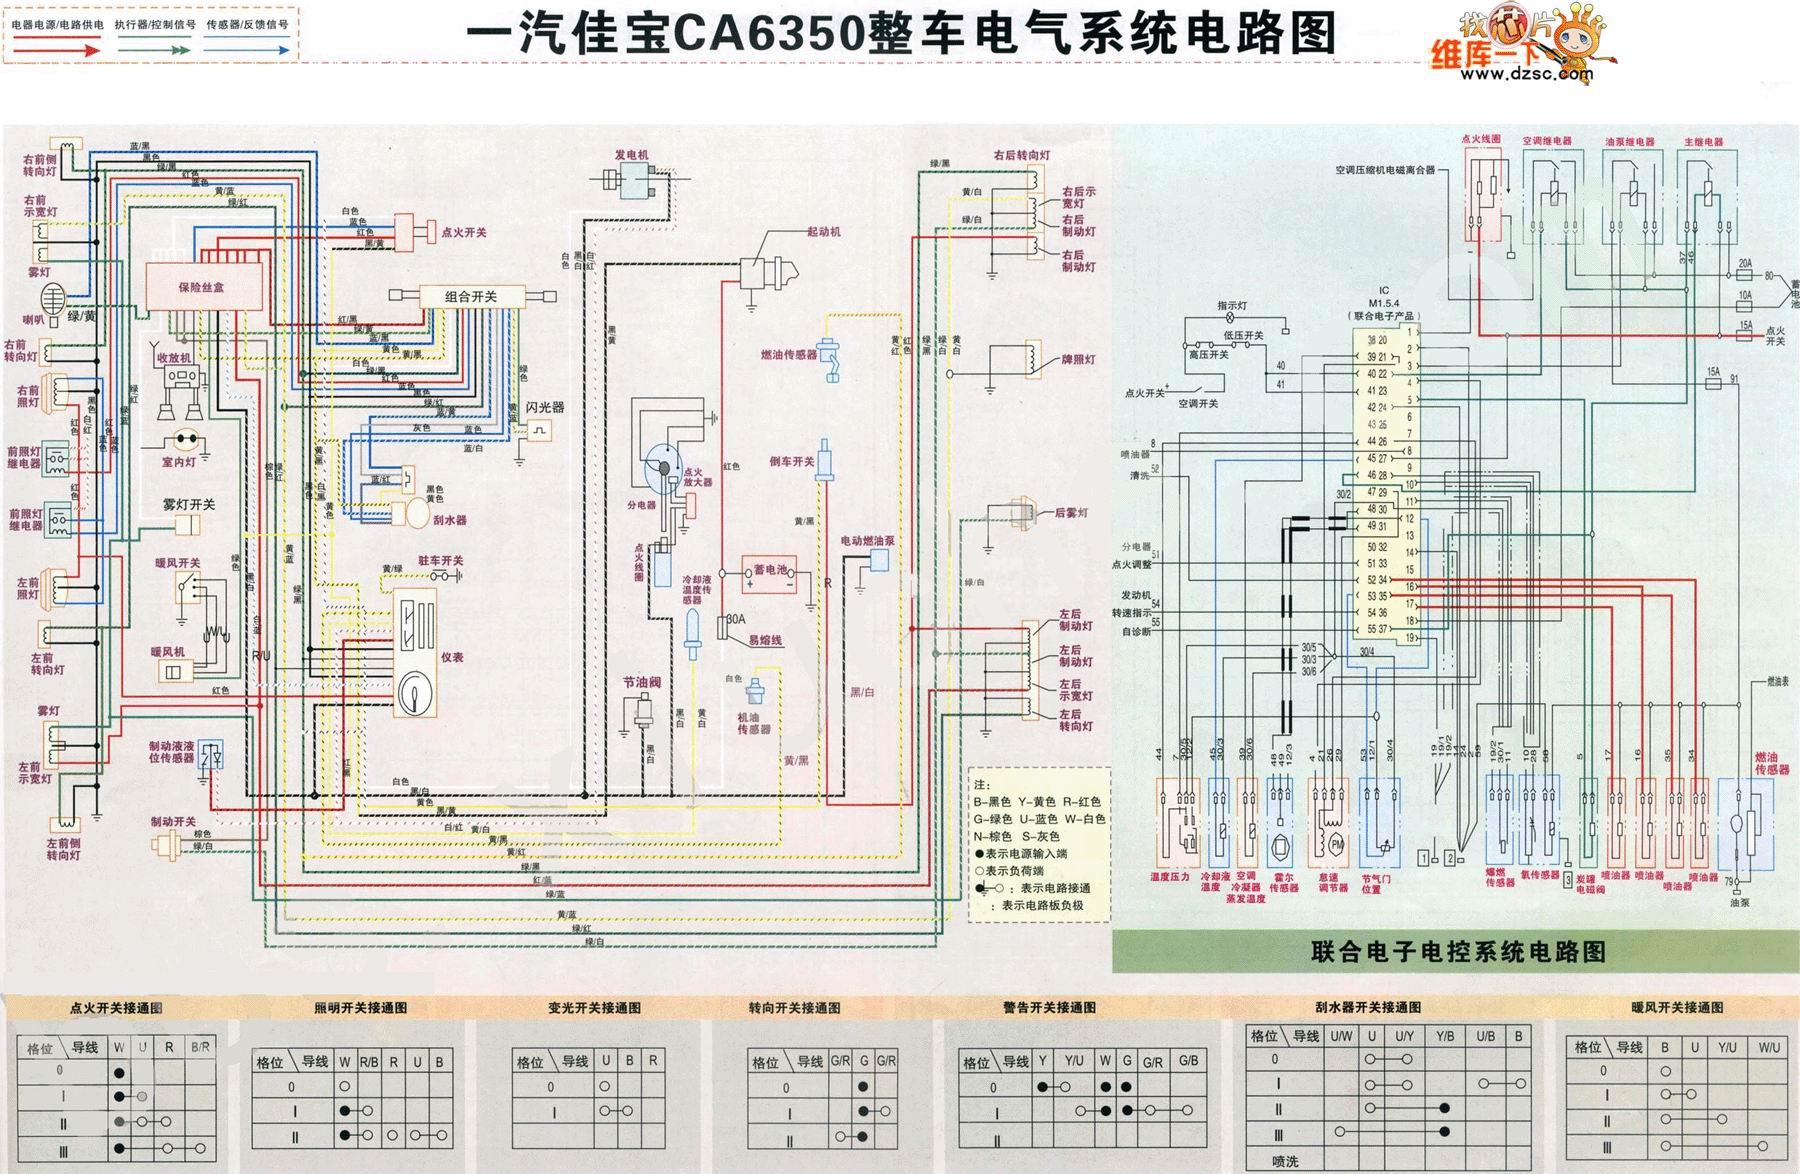 首页 电路图 汽车电路图 一汽 >> 一汽佳宝ca6350整车电气系统电路图